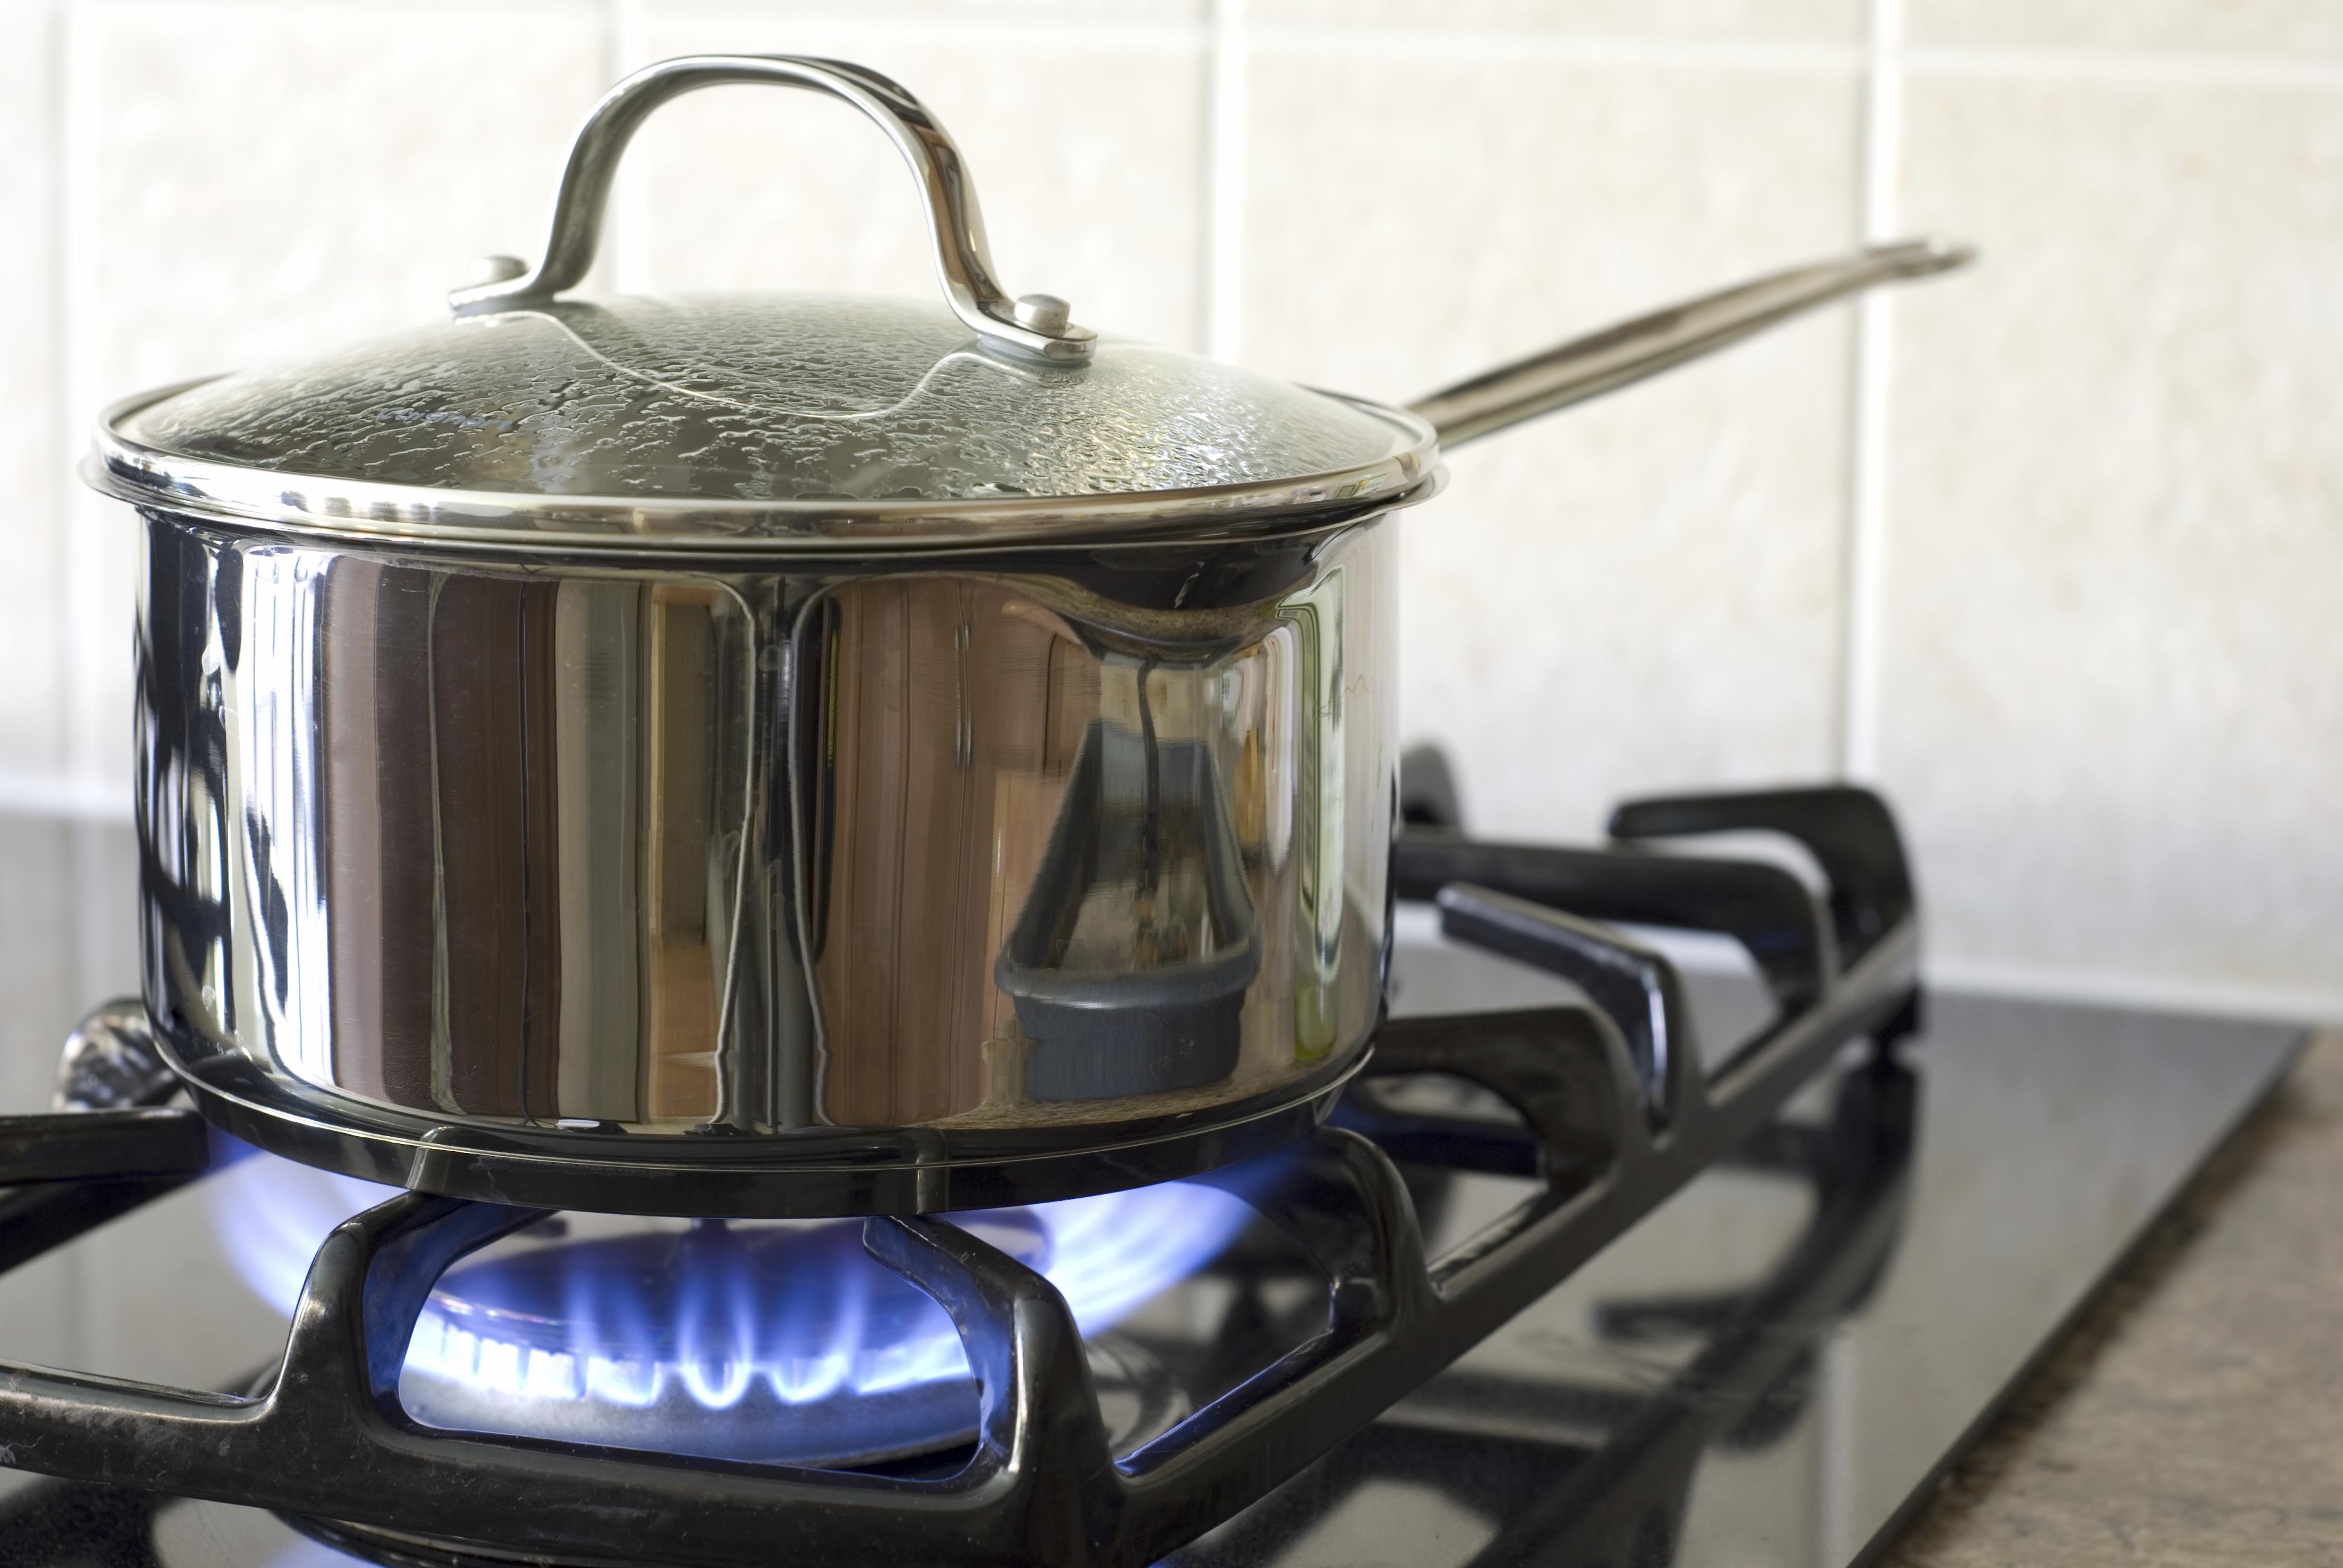 Gás de cozinha ignora desvalorização do barril de petróleo e já custa até R$ 115